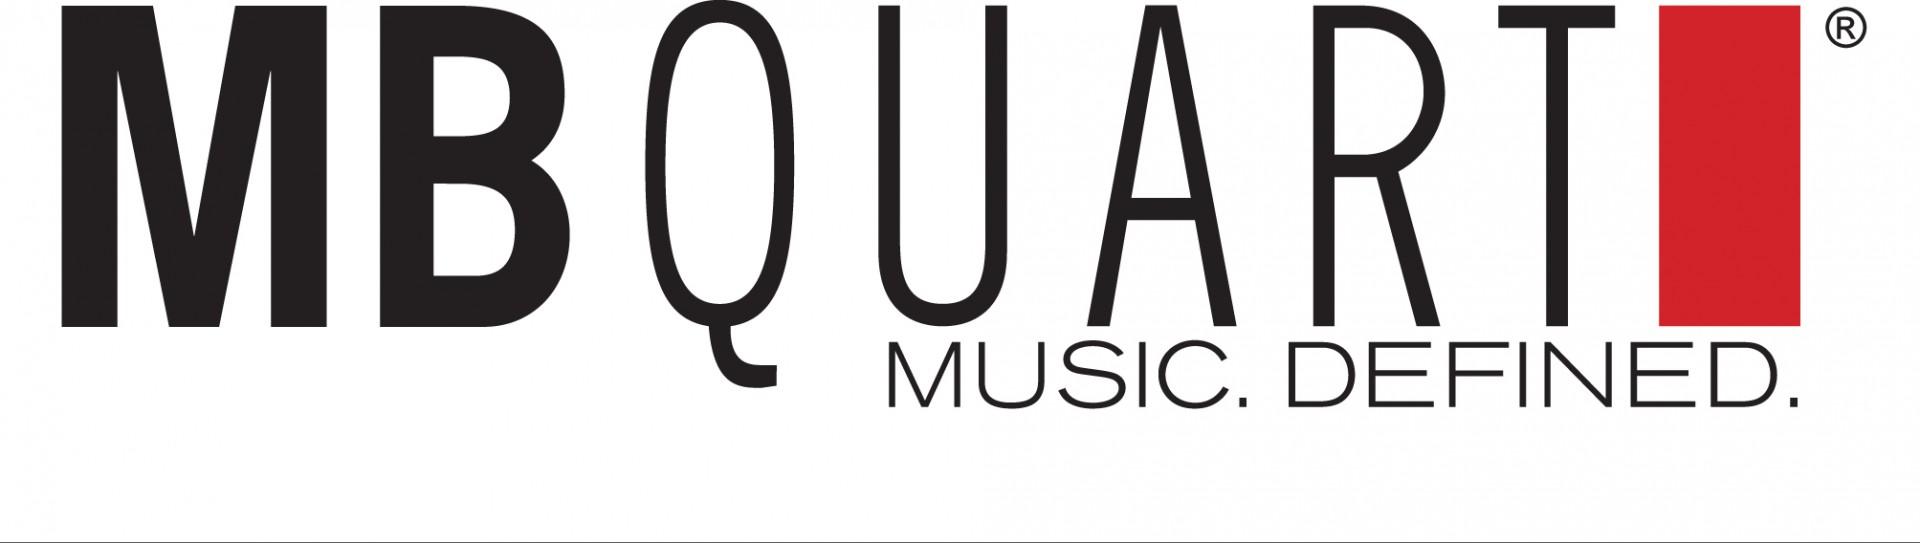 Aktualizace značky MB Quart